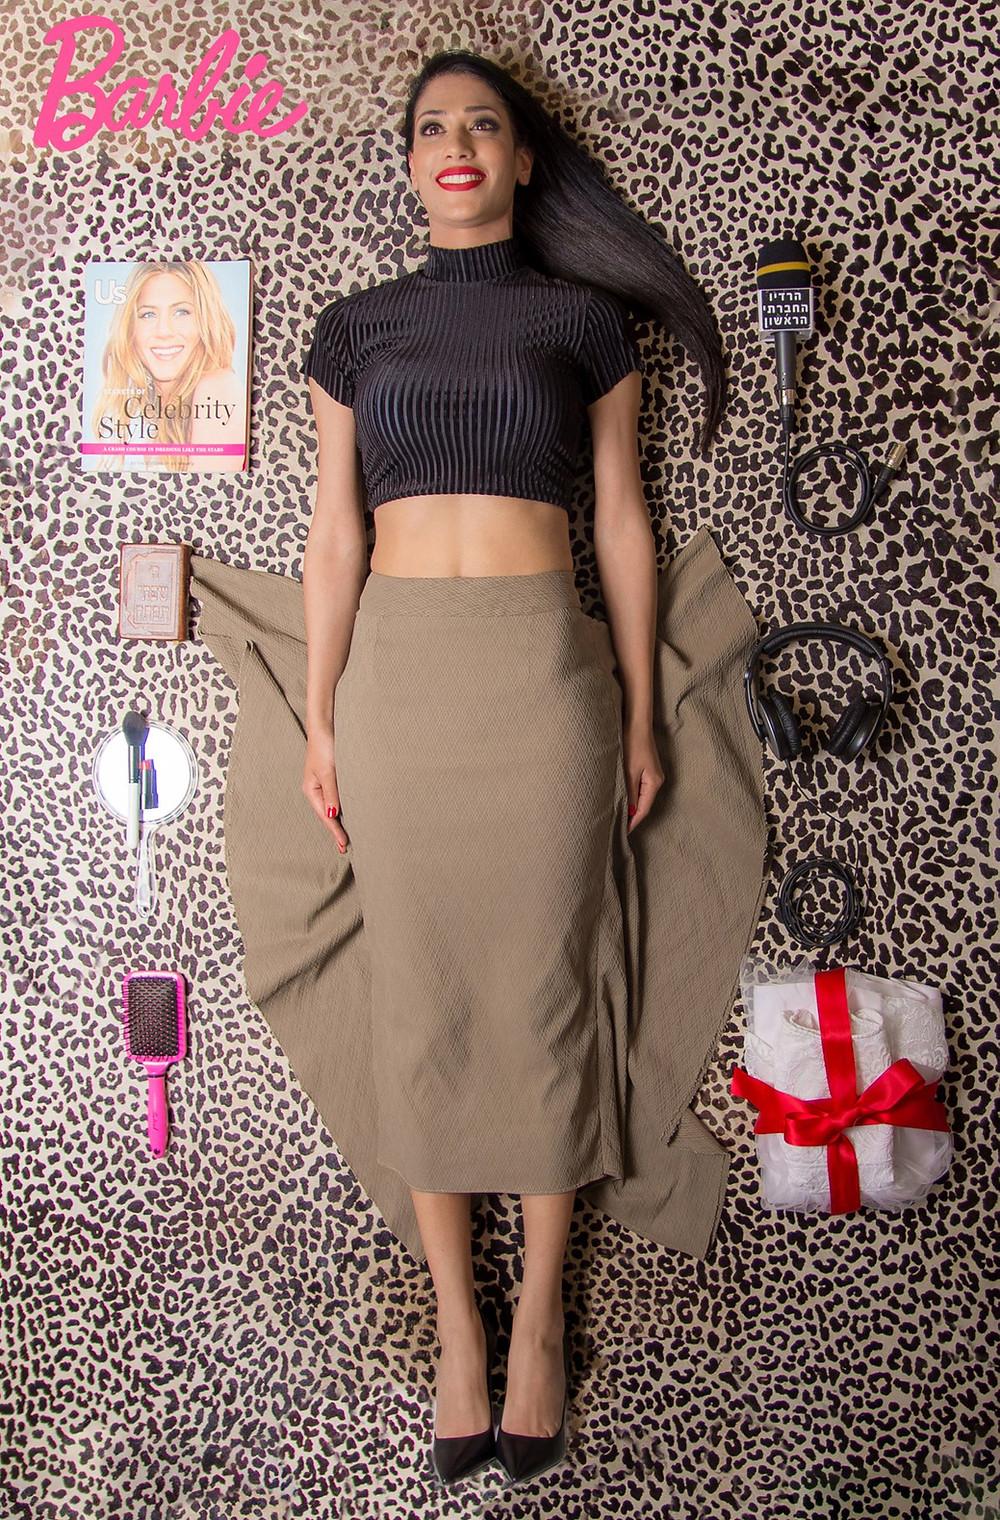 חצאית: זאודיטו קאסה, חולצה: אן ברקוביץ', נעליים: רשת אלדו. צילום: מיטל אזולאי